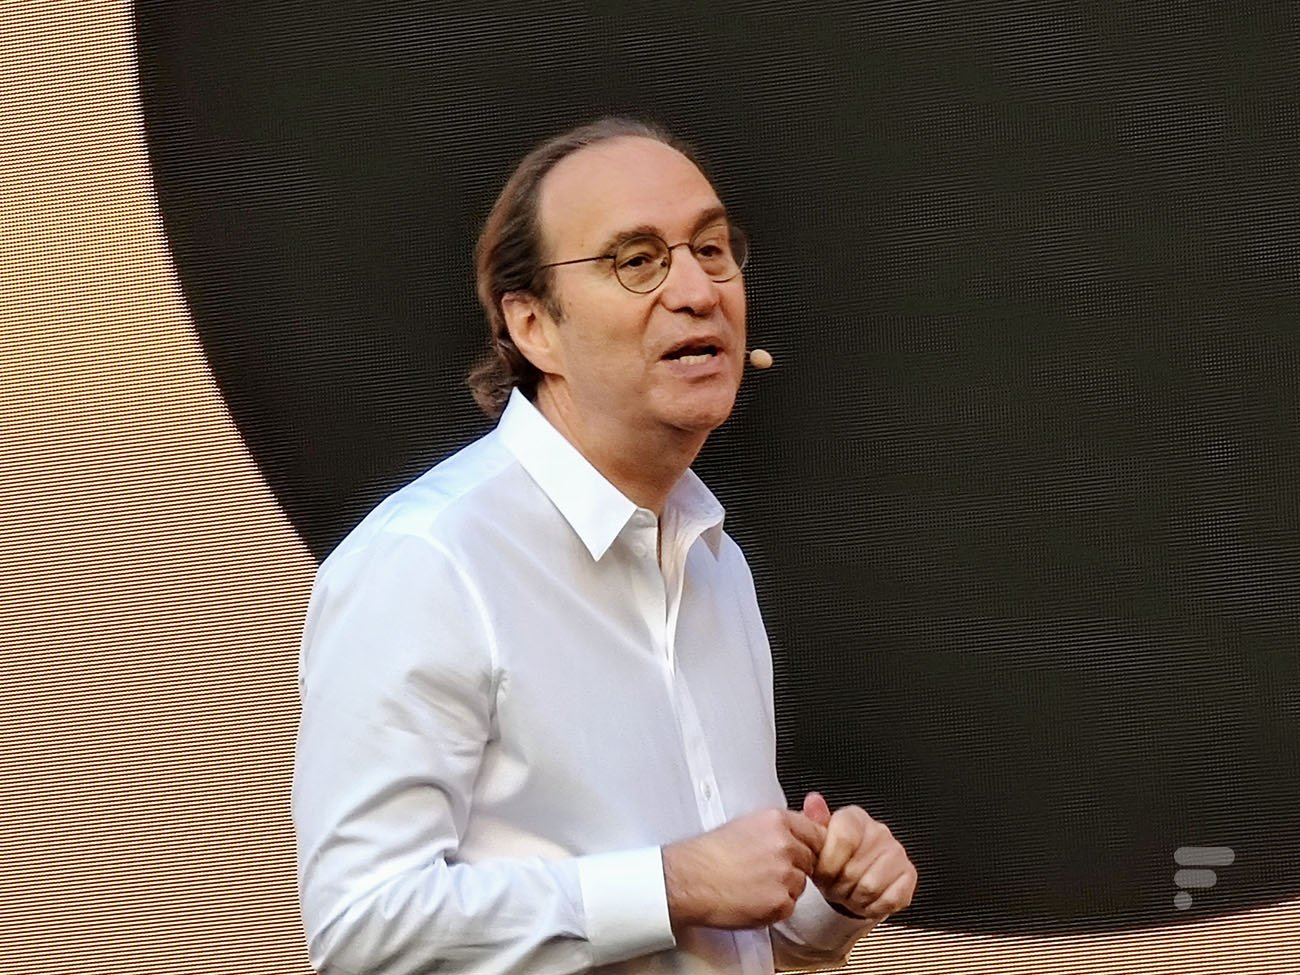 Xavier Niel défend la 5G et balaie les risques écologiques et sanitaires